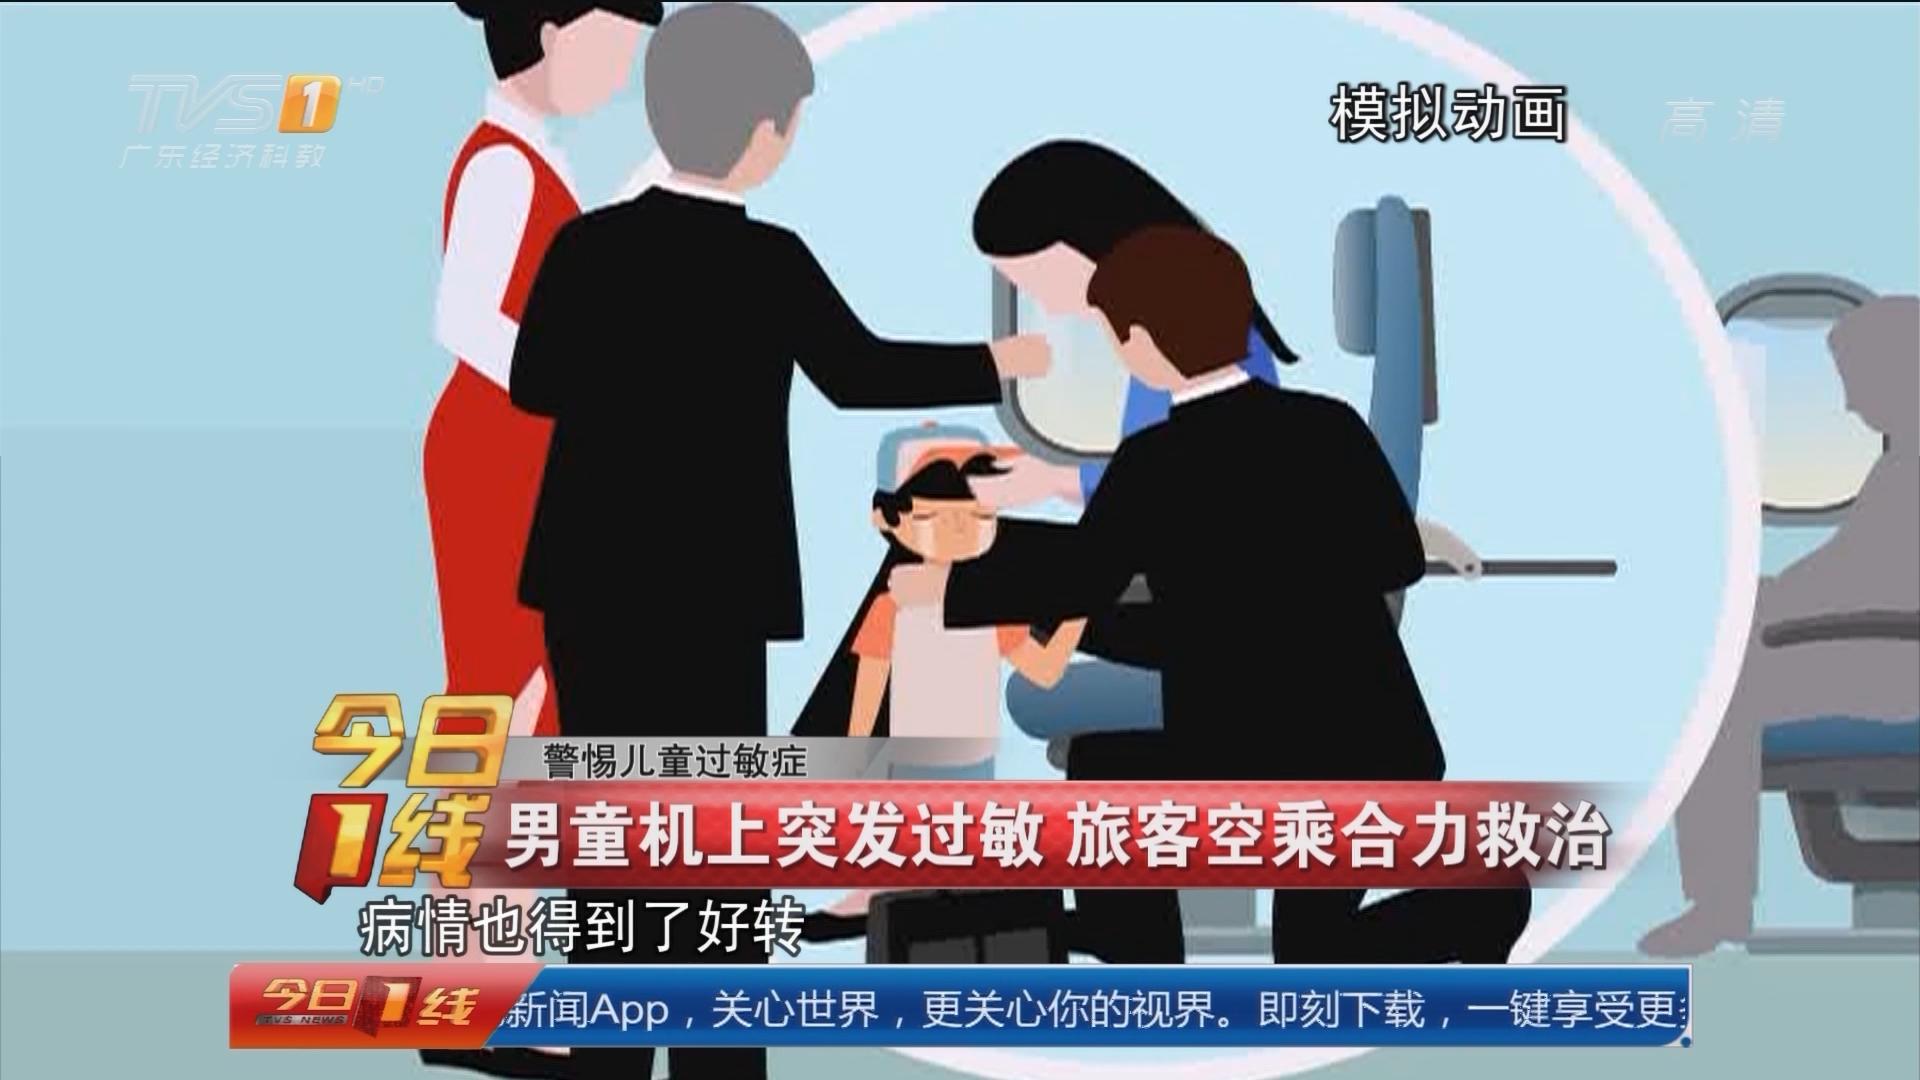 警惕儿童过敏症:男童机上突发过敏 旅客空乘合力救治